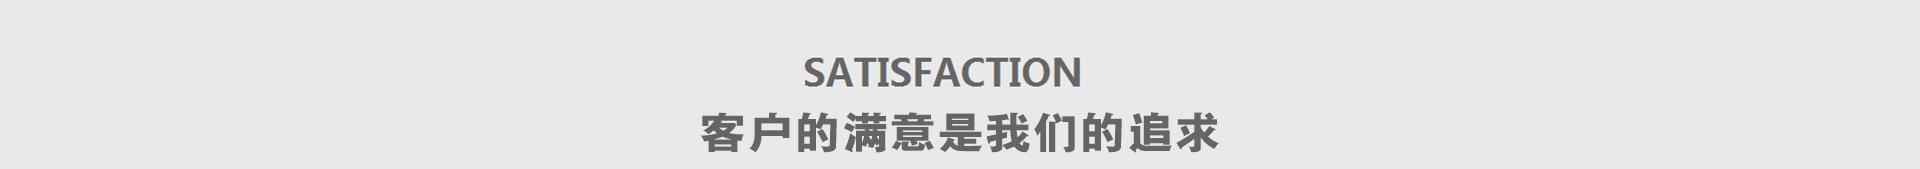 甘肃向日葵app工贸有限公司